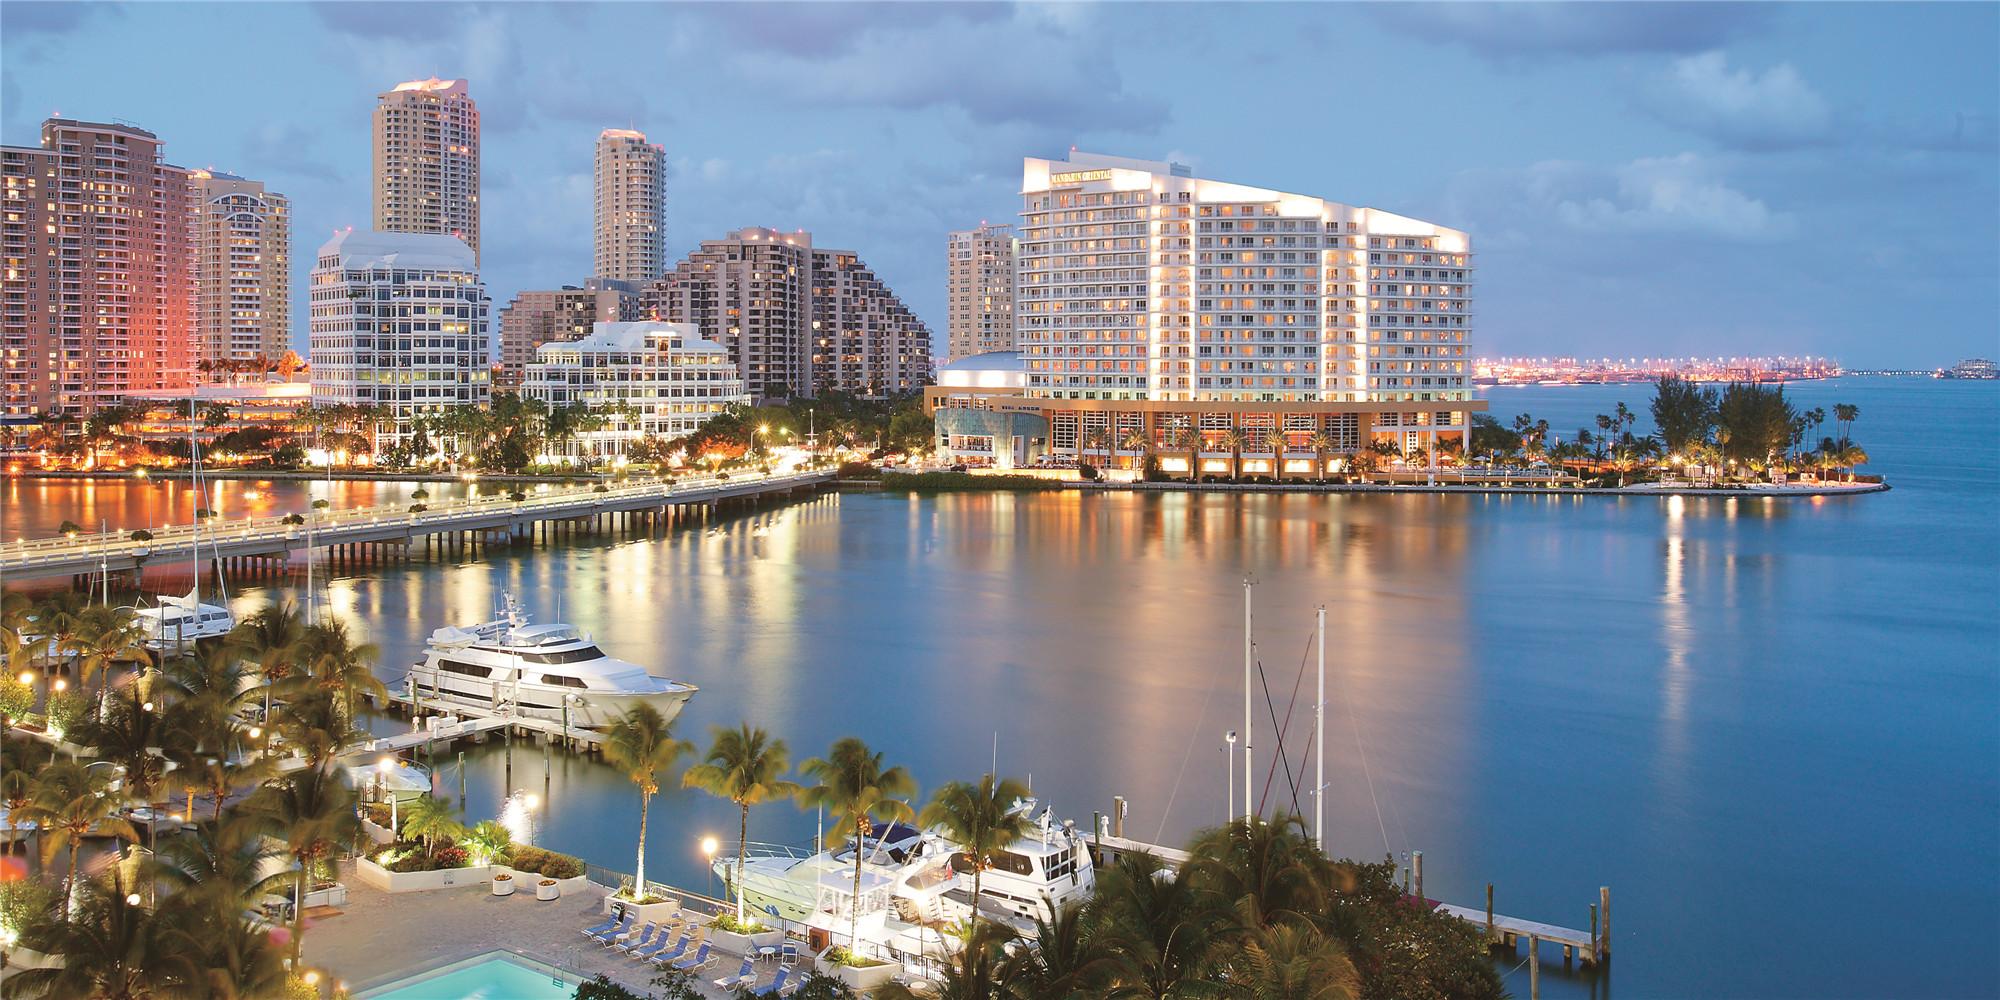 迈阿密1日游